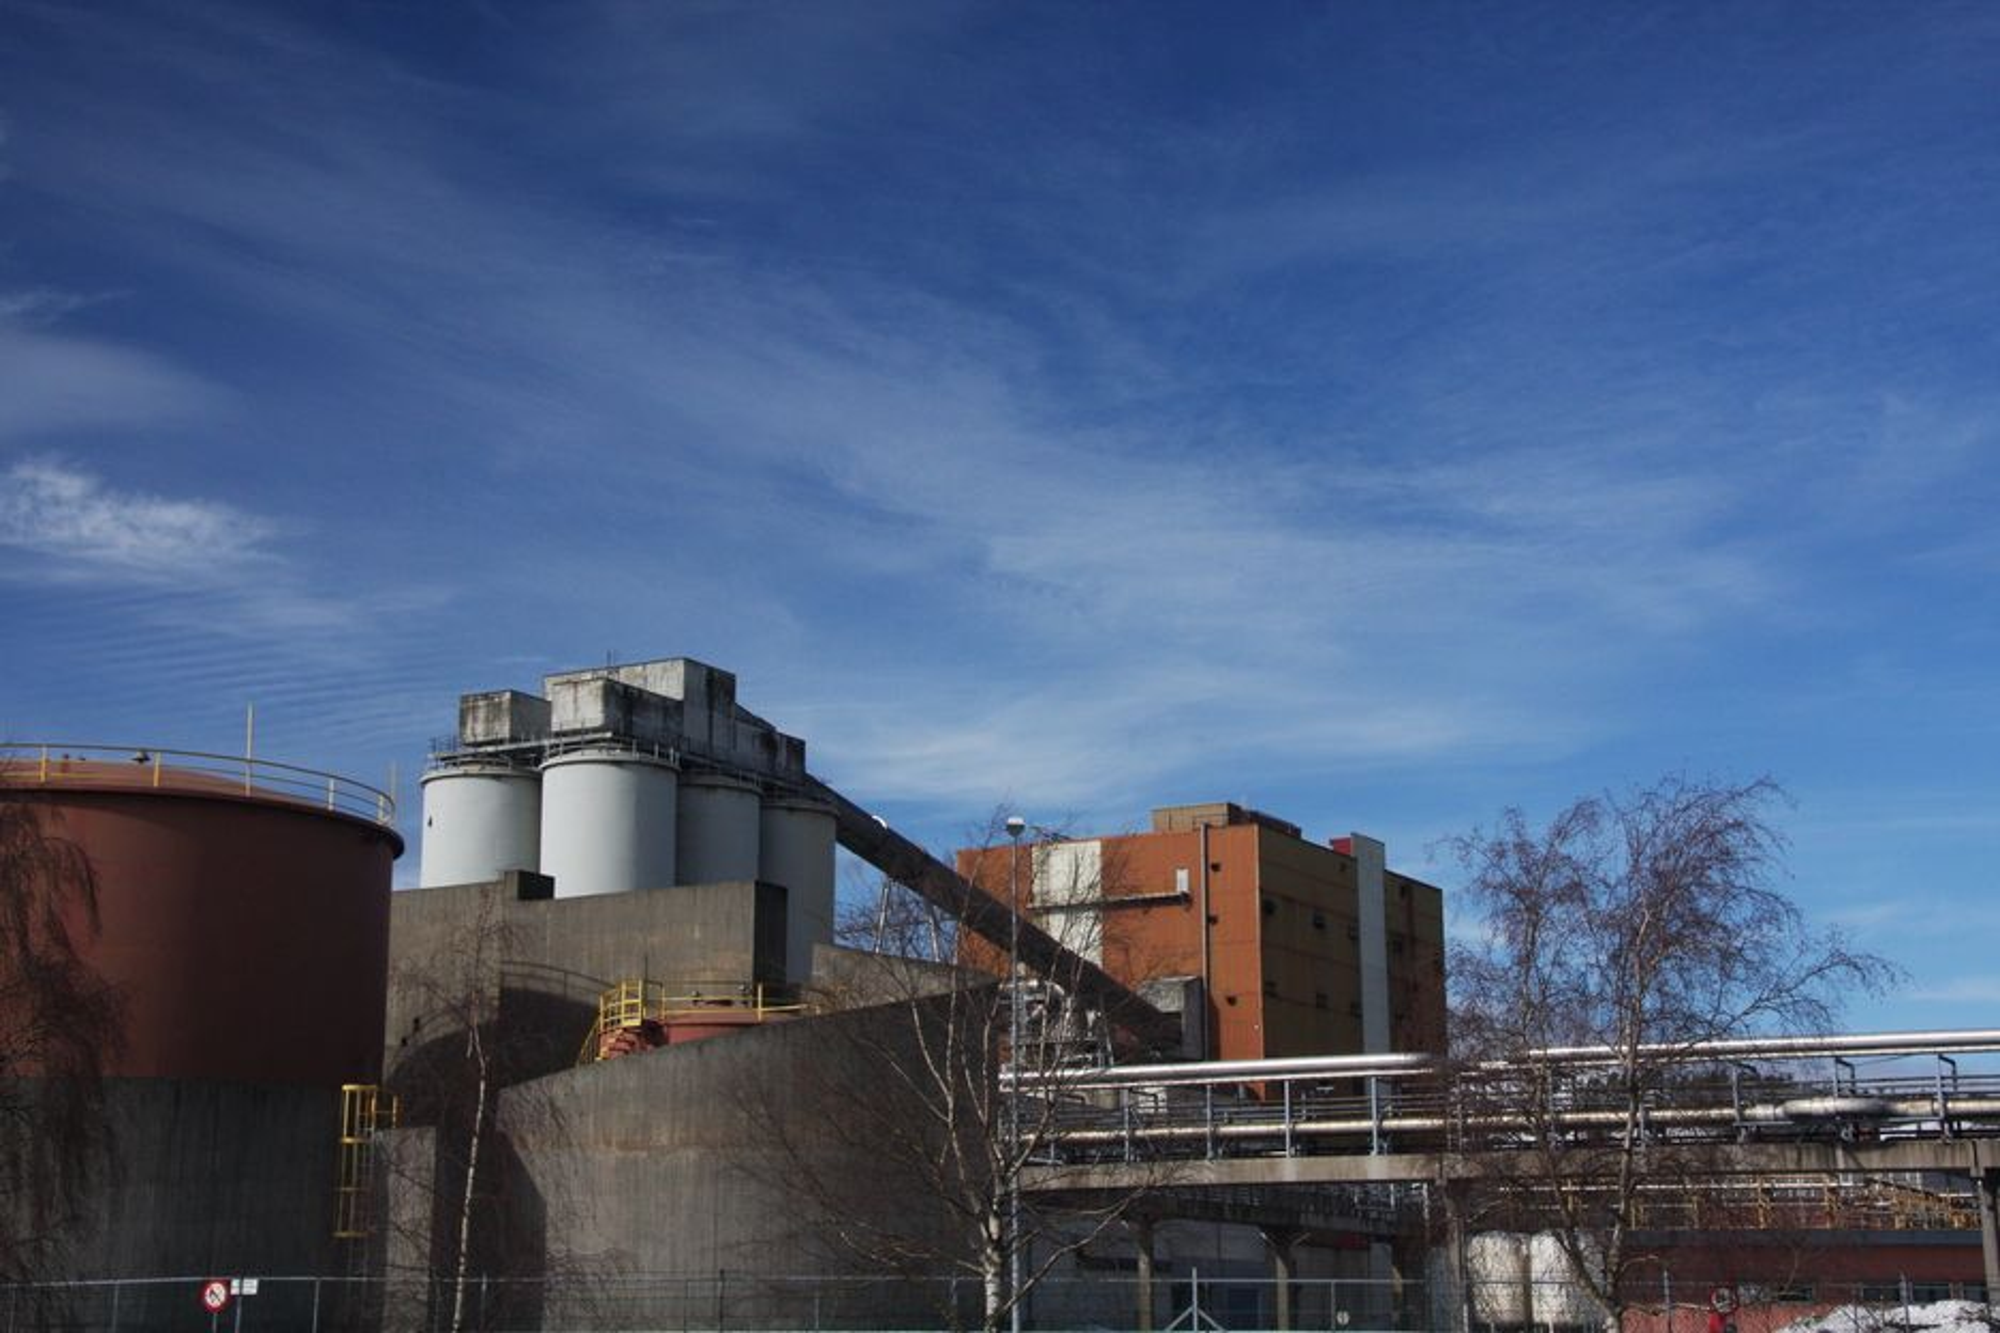 ATTRAKTIVT: Naturgass vil gjøre det mer attraktivt å etablere industri i på Herøya, mener gass-forkjemperene.